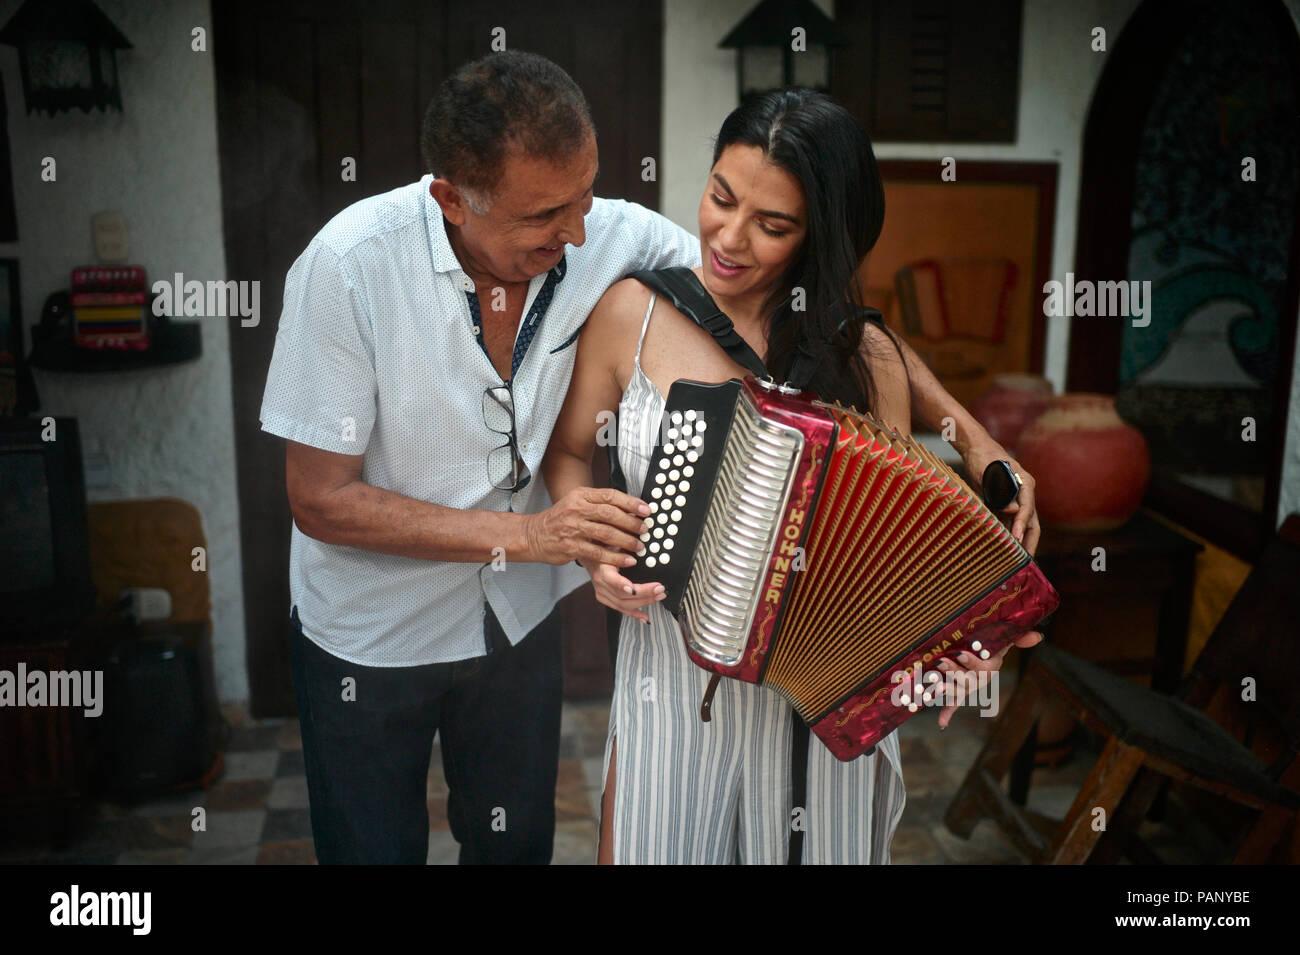 Compositeur vallenato colombien Beto Murgas enseigne l'Colombian-American CBS journaliste Astrid Martinez à jouer de l'accordéon à son domicile, l'accordéon muse Banque D'Images